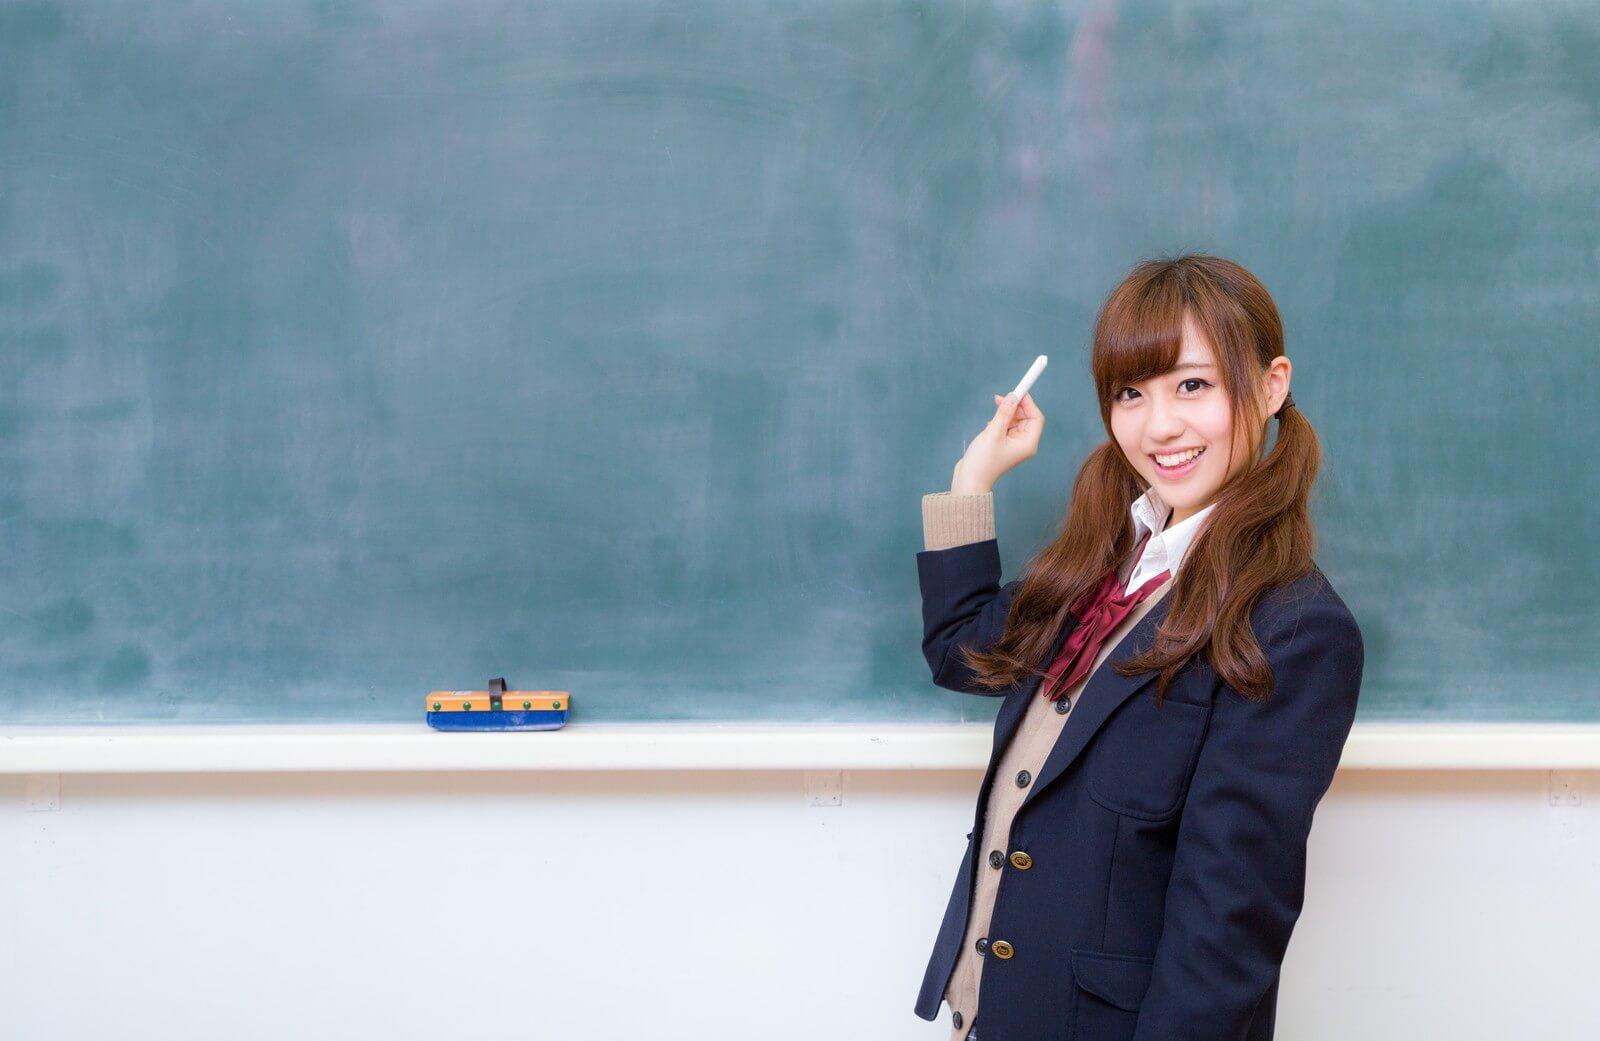 女子高生の写真